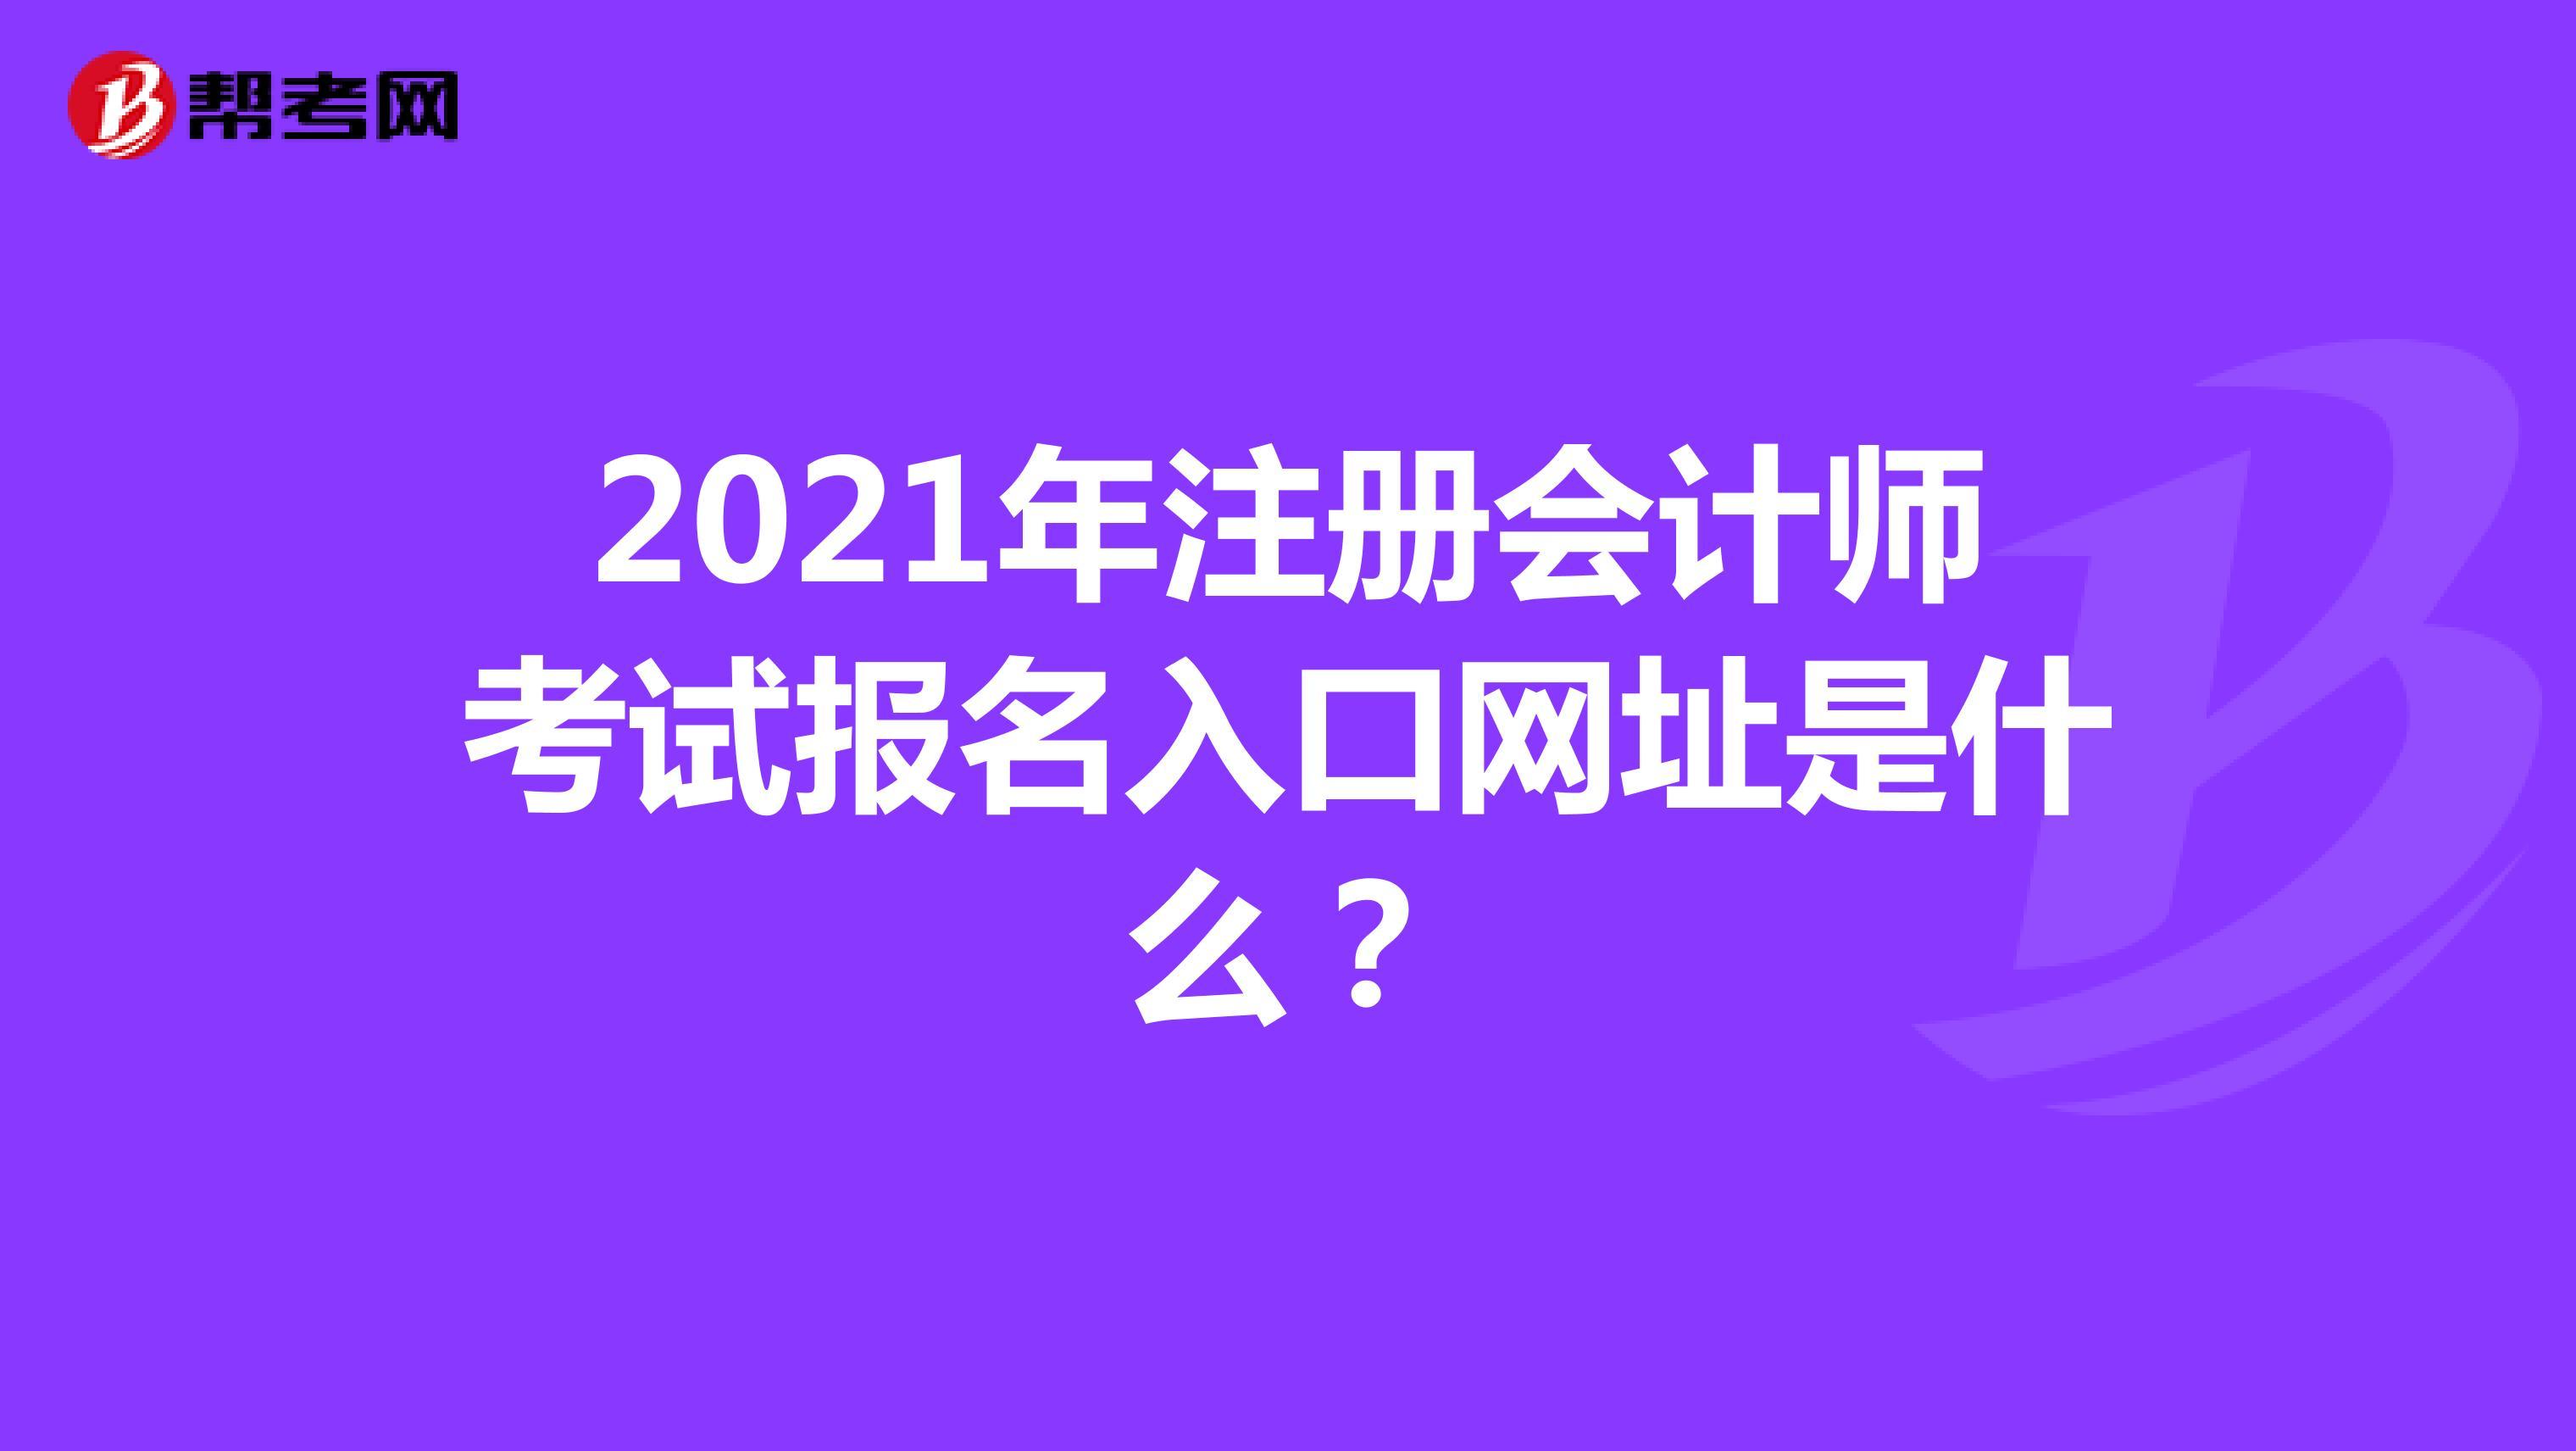 2021年注册会计师考试报名入口网址是什么?